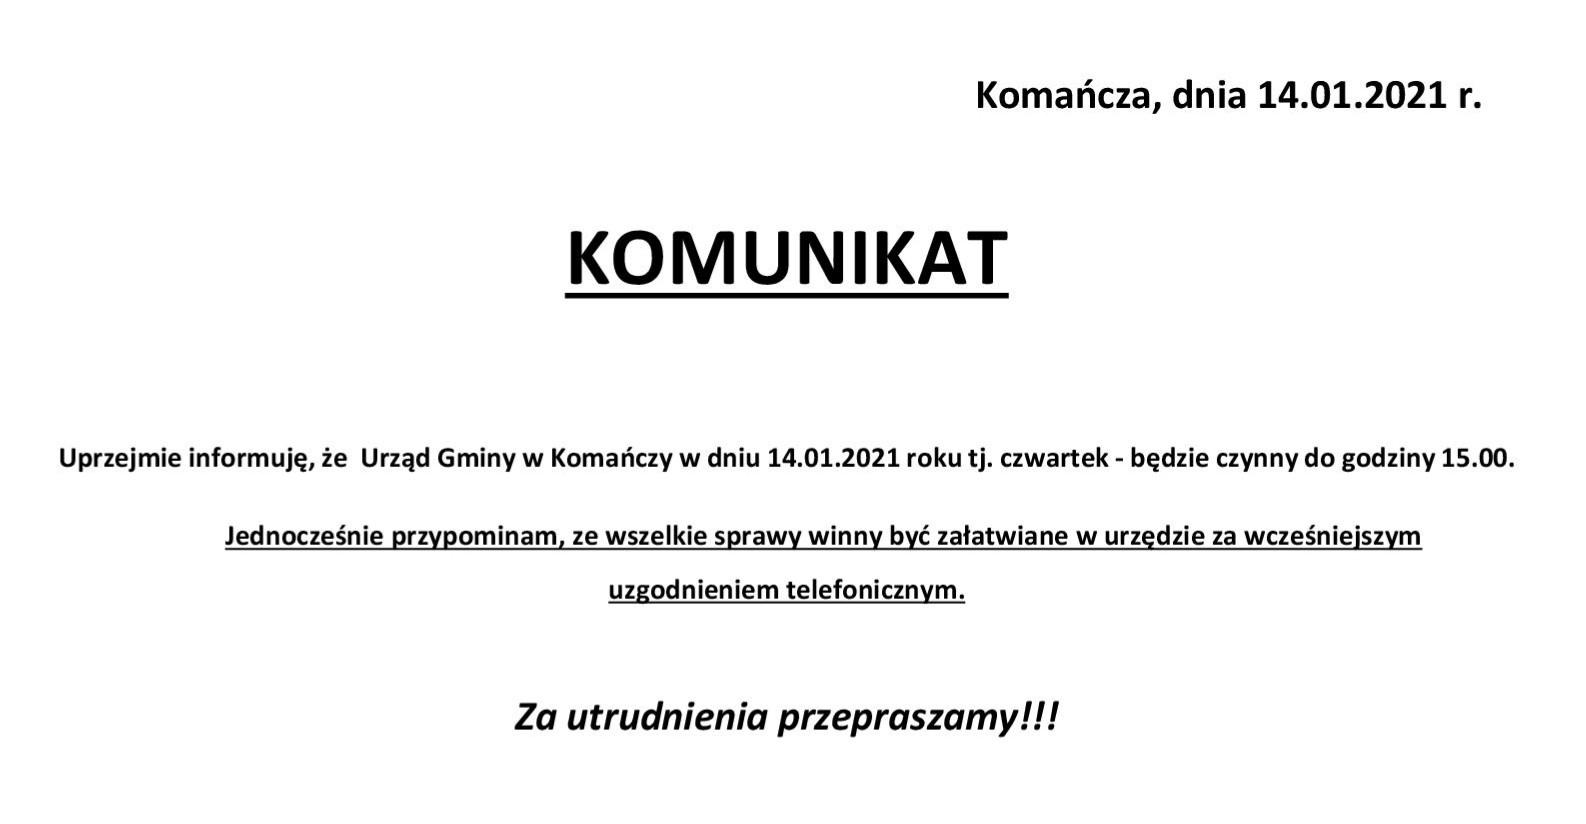 Informacja o godzinach pracy Urzędu Gminy Komańcza w dniu 14 stycznia 2021 roku